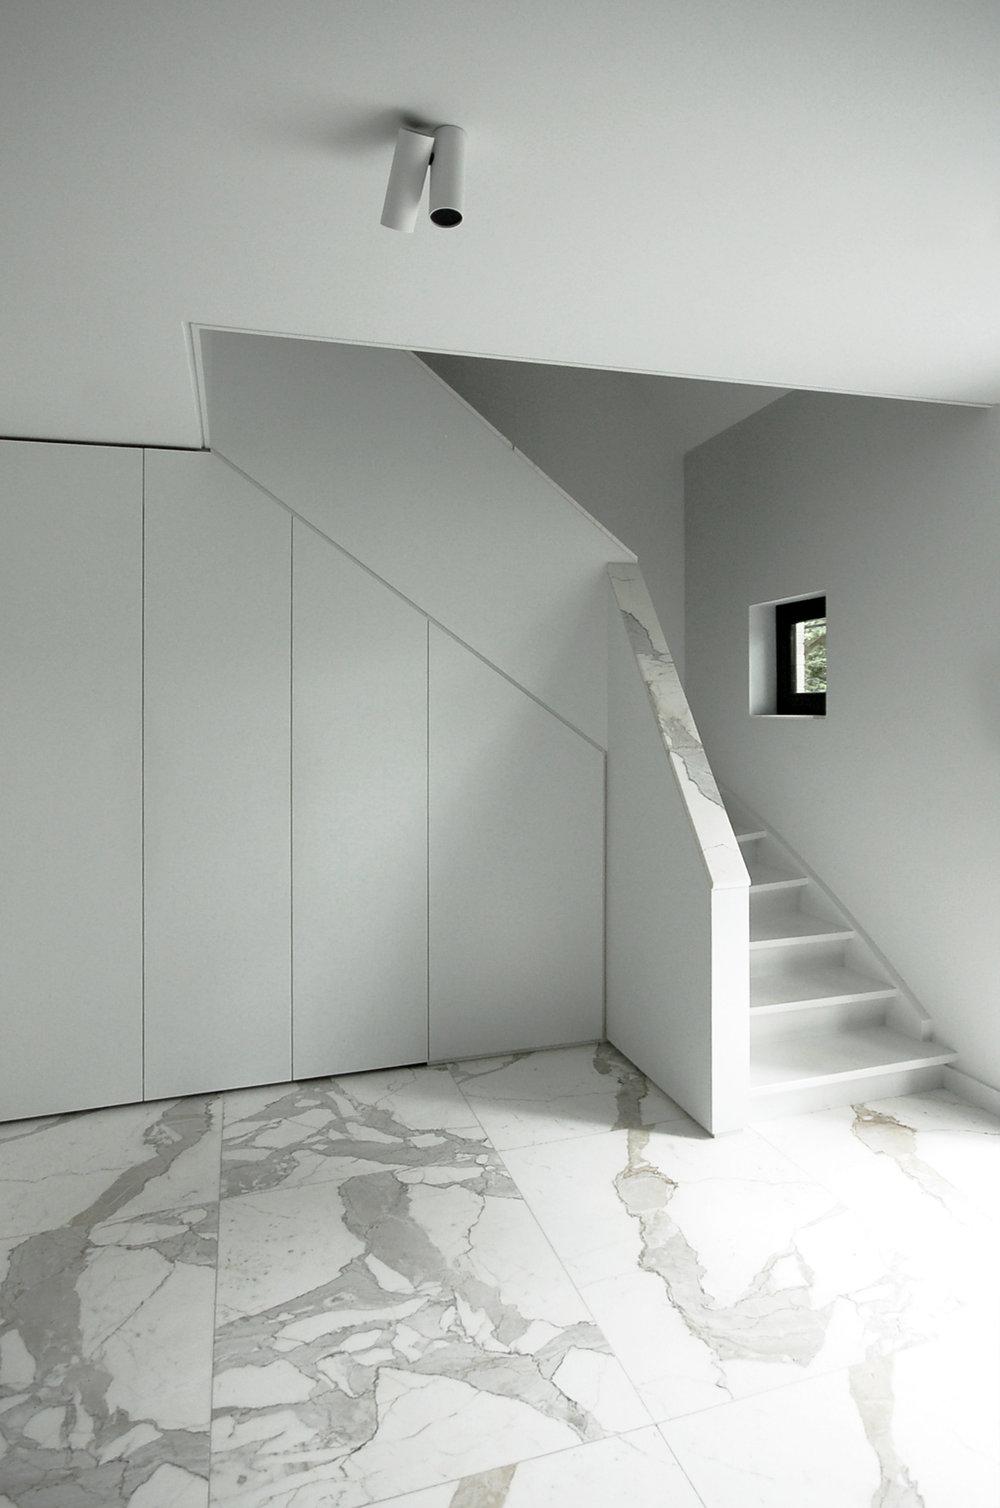 demeestervliegen-architecture-interior-interiorarchitecture-office25.jpg